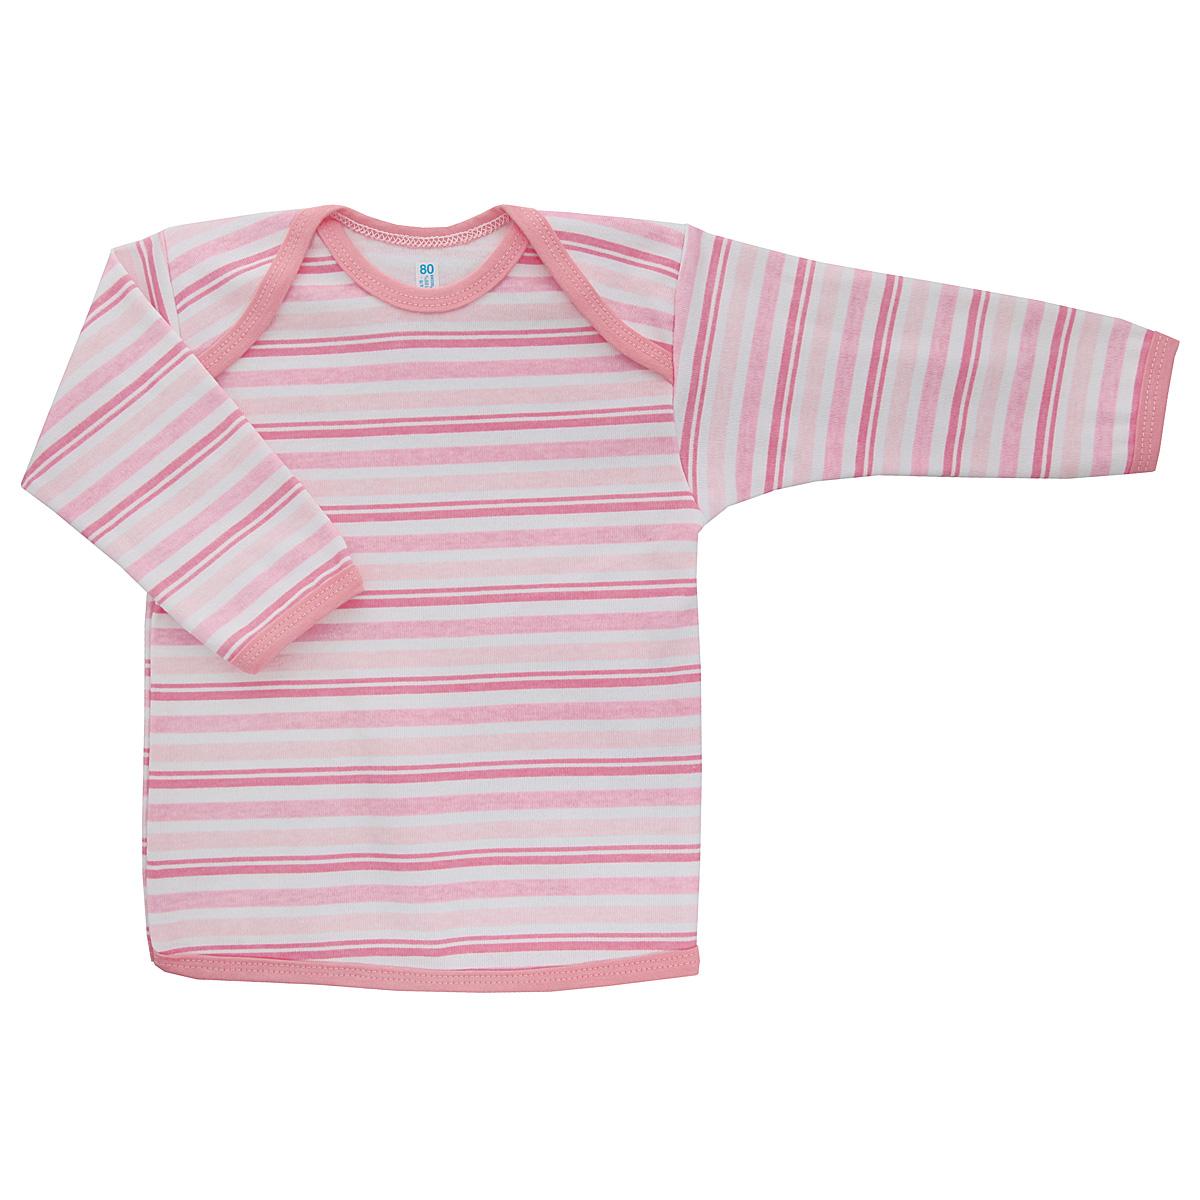 Футболка с длинным рукавом детская Трон-плюс, цвет: розовый, белый. 5611_полоска. Размер 86, 18 месяцев5611_полоскаУдобная детская футболка Трон-плюс с длинными рукавами послужит идеальным дополнением к гардеробу вашего ребенка, обеспечивая ему наибольший комфорт. Изготовленная из интерлока - натурального хлопка, она необычайно мягкая и легкая, не раздражает нежную кожу ребенка и хорошо вентилируется, а эластичные швы приятны телу ребенка и не препятствуют его движениям. Удобные запахи на плечах помогают легко переодеть младенца. Горловина, низ модели и низ рукавов дополнены трикотажной бейкой. Спинка модели незначительно укорочена. Оформлено изделие принтом в полоску. Футболка полностью соответствует особенностям жизни ребенка в ранний период, не стесняя и не ограничивая его в движениях.